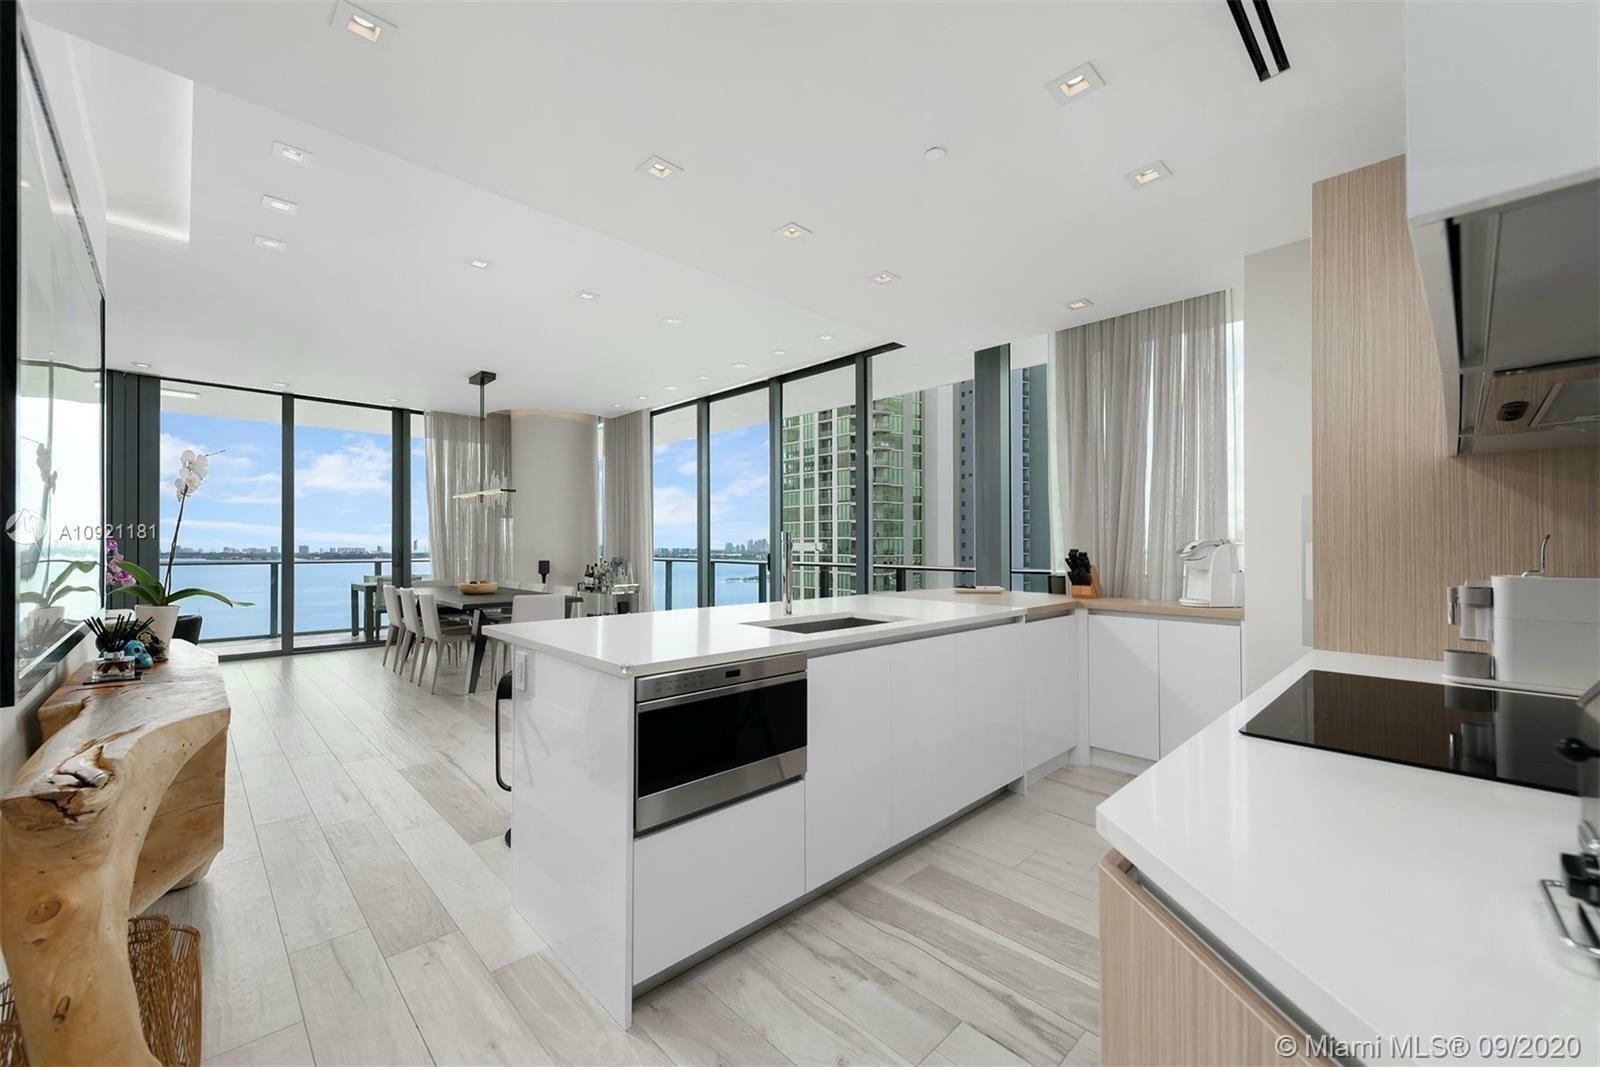 Condo in Miami, Florida, United States 1 - 11211211